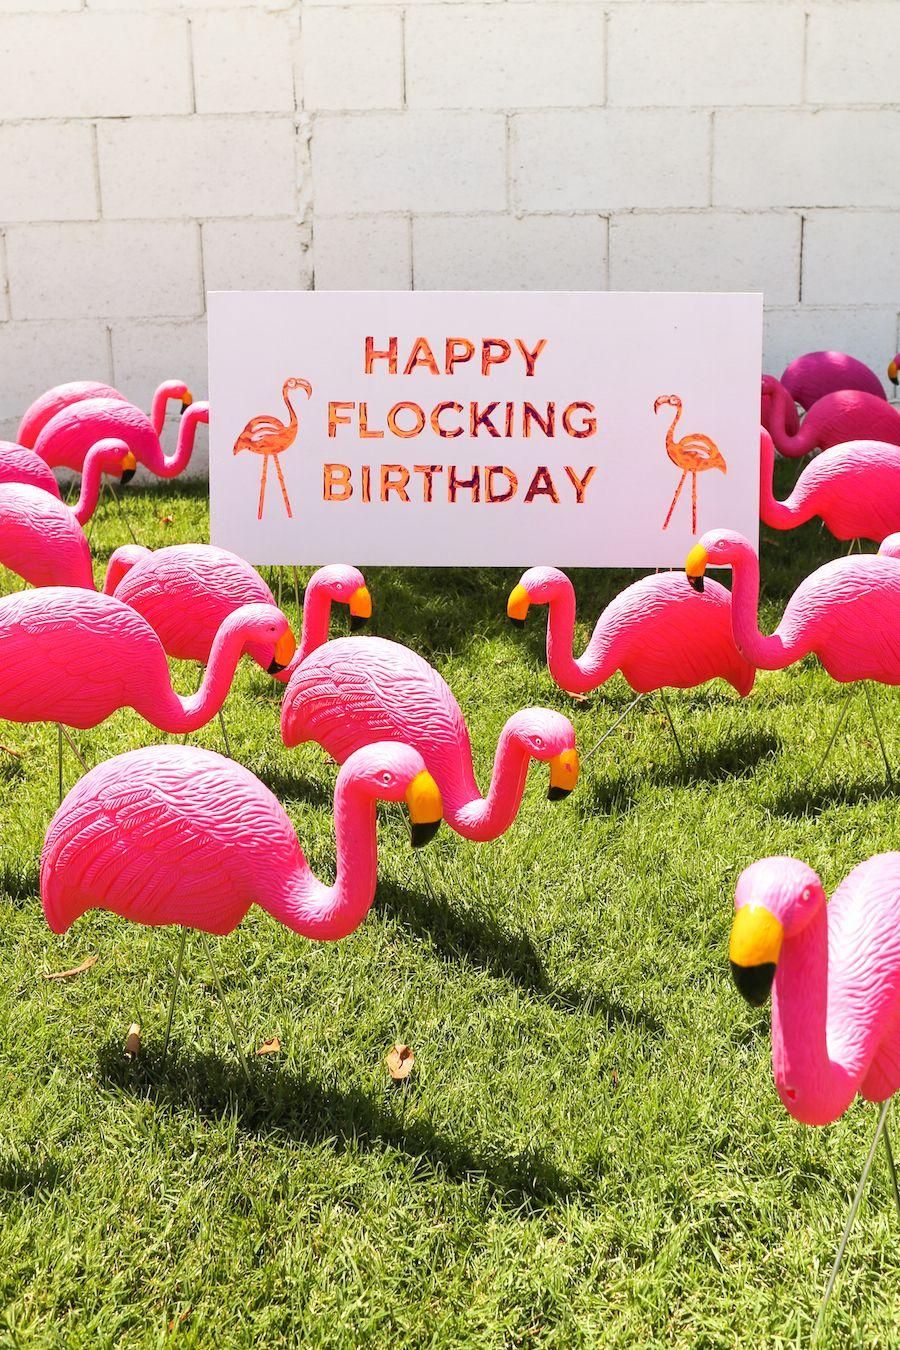 2eba8de582010285c46a68b76ad2ecb7 happy flocking birthday with cricut flamingo, ads and birthdays